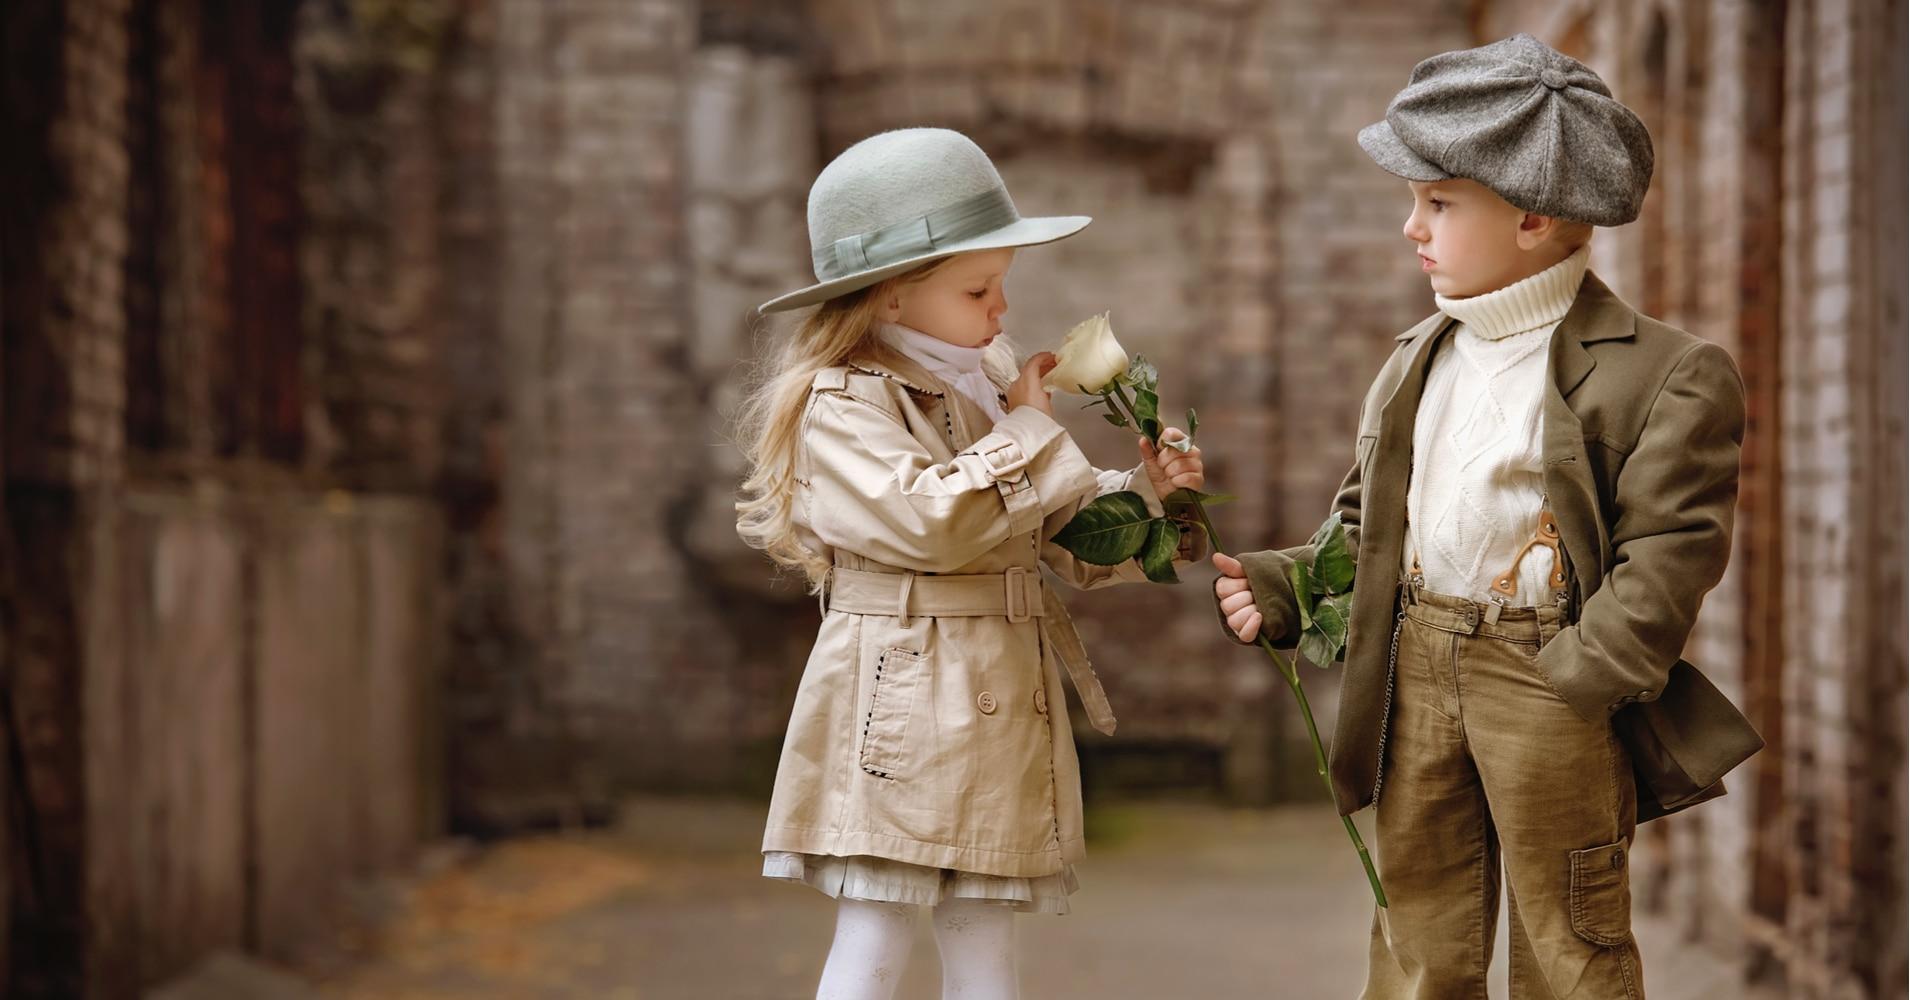 When Will I Get My First Boyfriend? - Quiz - Quizony.com